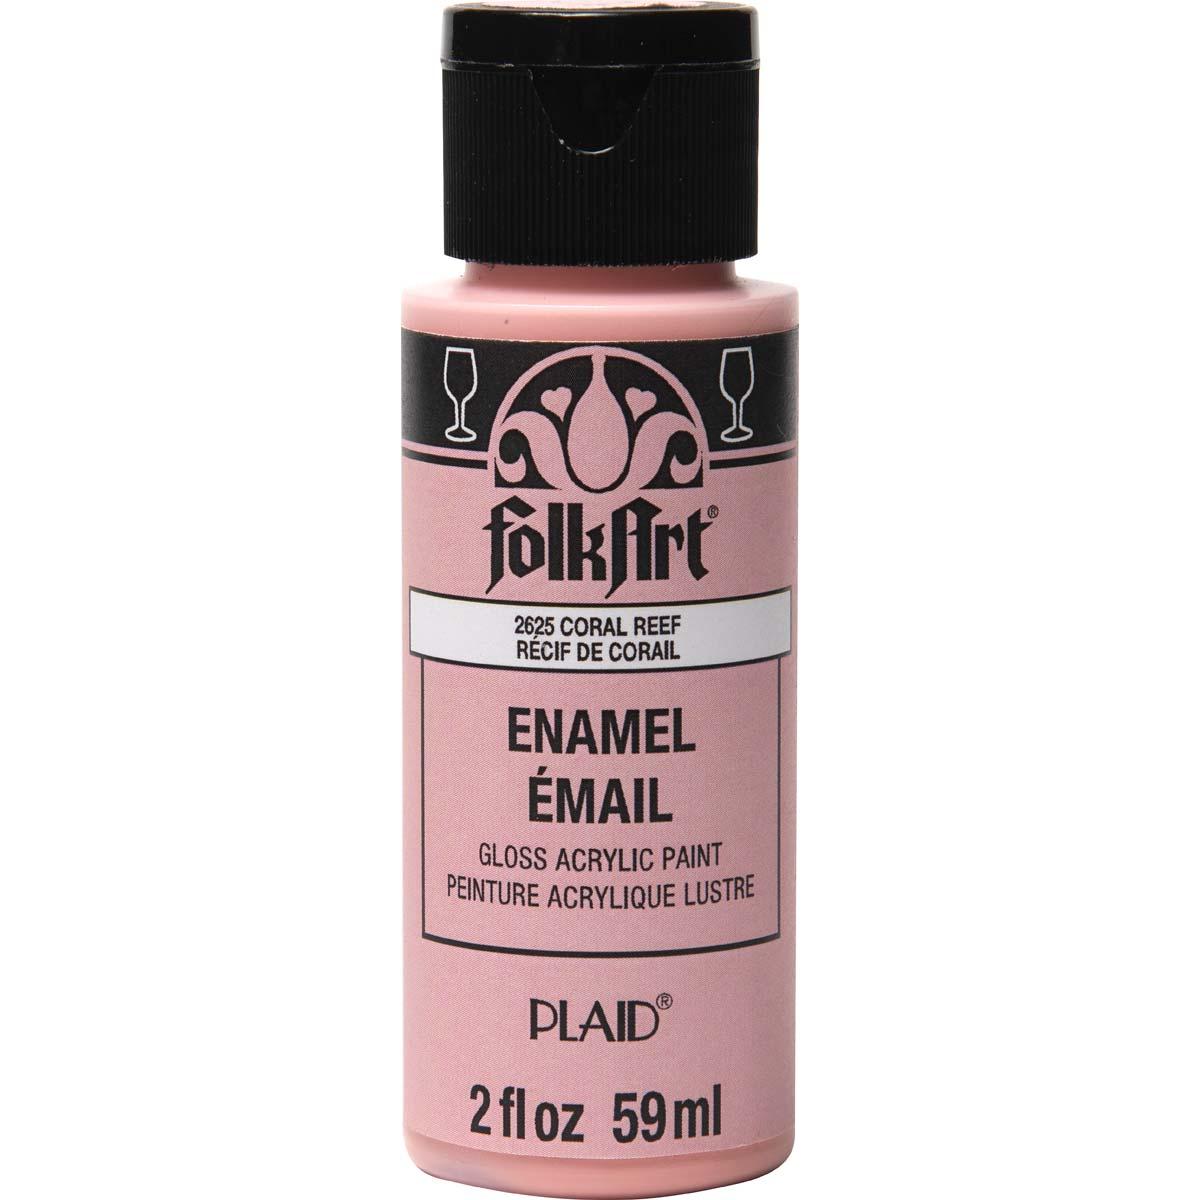 FolkArt ® Enamels™ - Coral Reef, 2 oz. - 2625